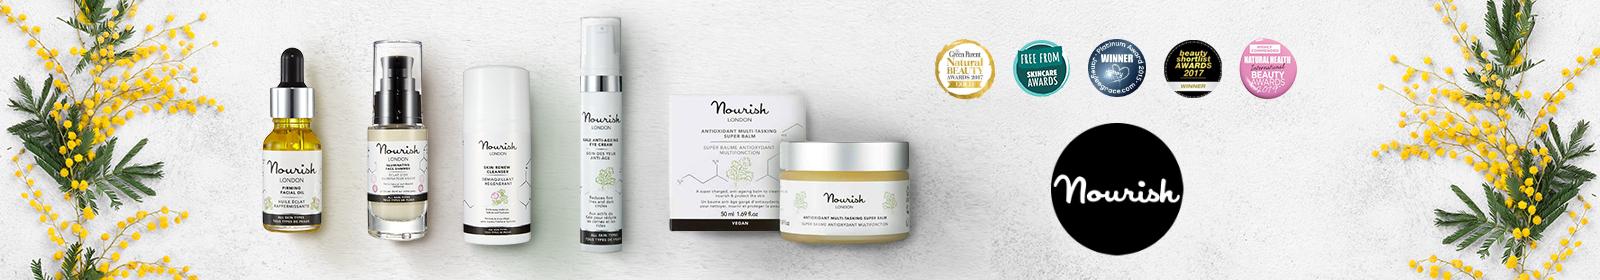 cosmetice/ingrijire-ten nourish